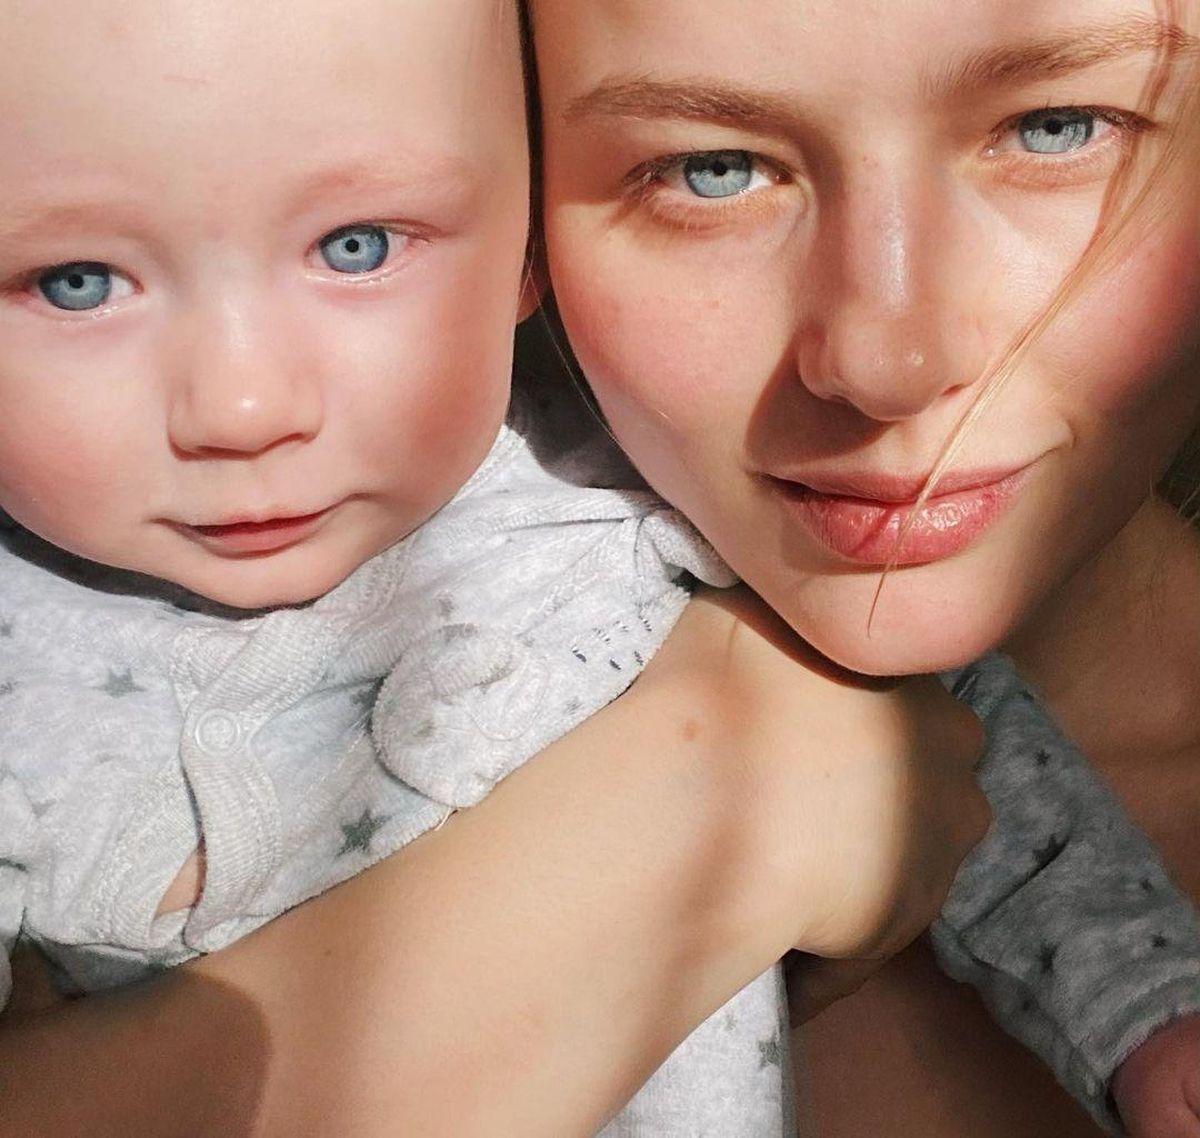 саша бортич фото с малышом